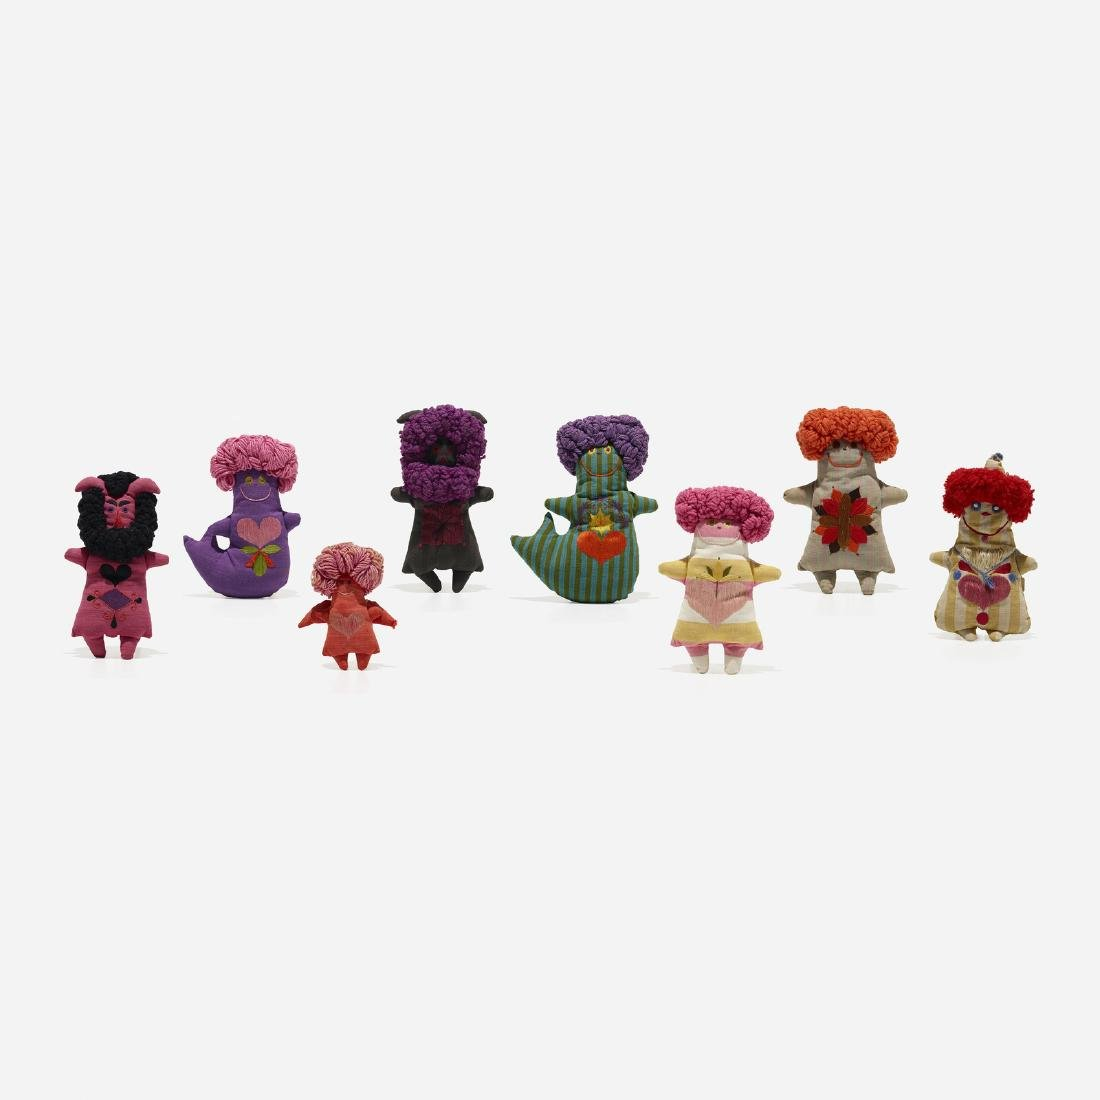 Marilyn Neuhart, collection of eight dolls